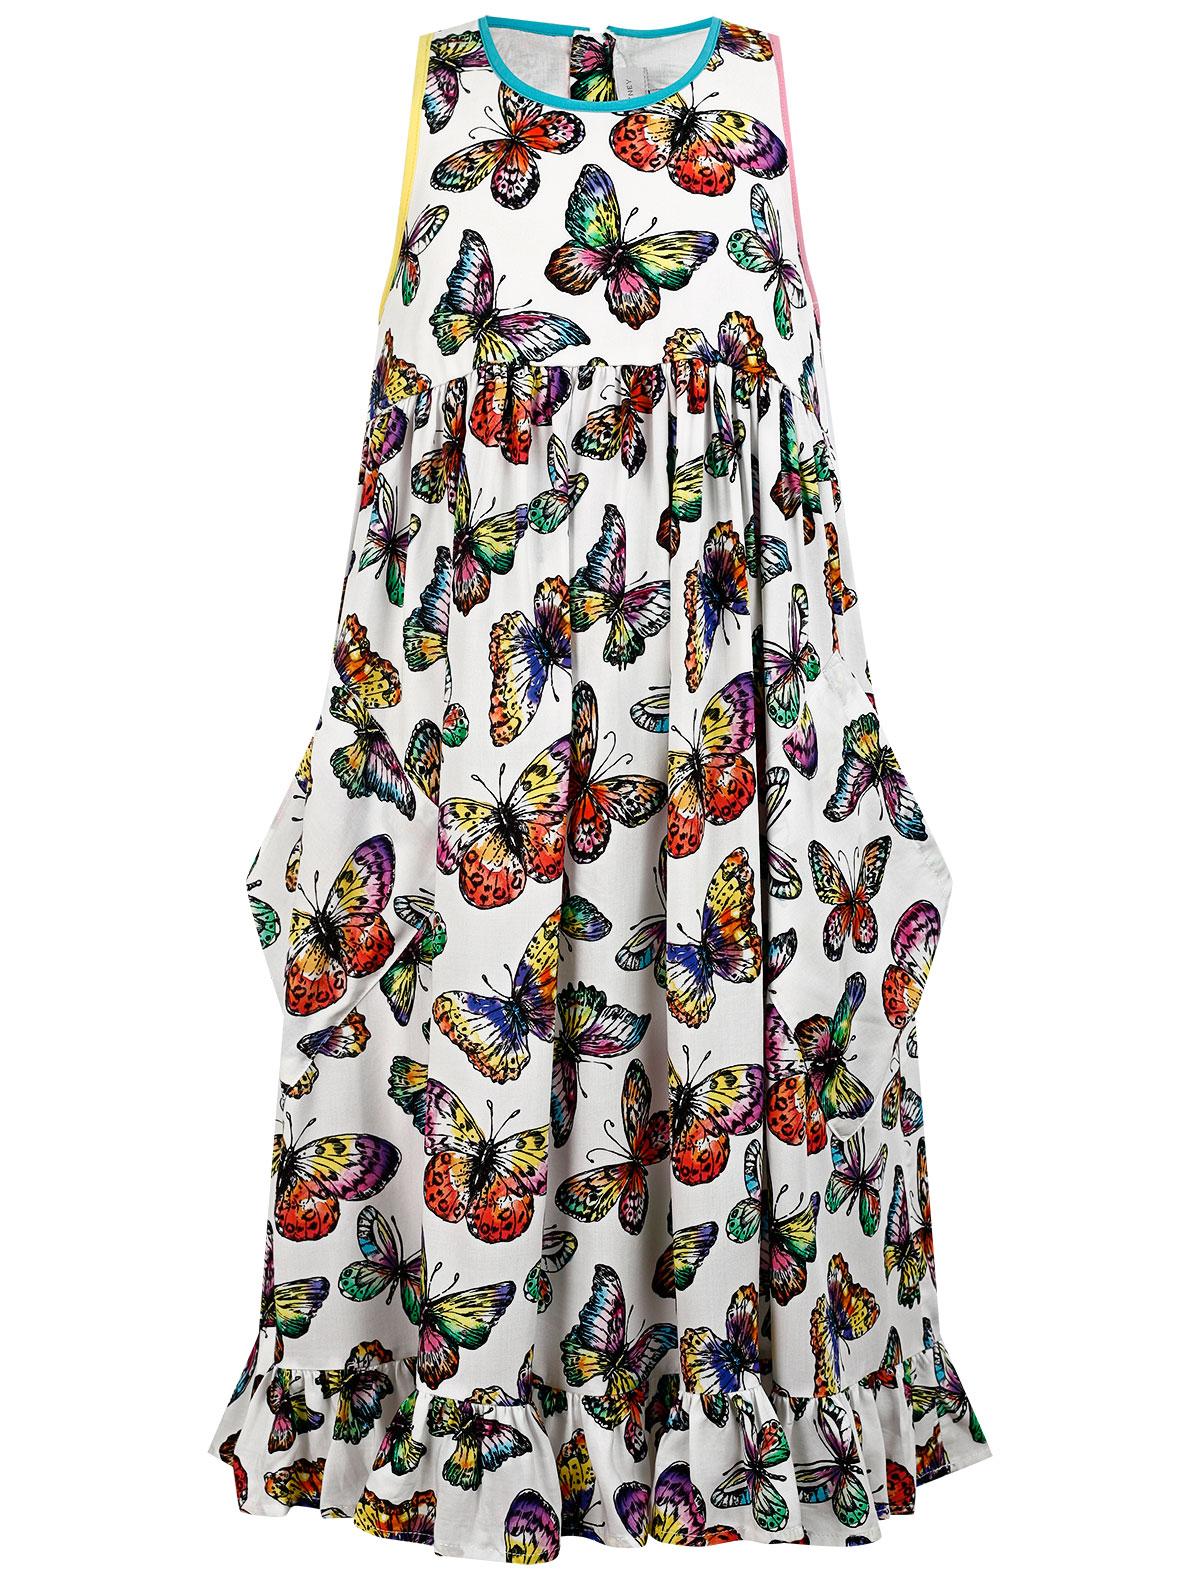 Купить 2280022, Платье Stella McCartney, разноцветный, Женский, 1054509173375